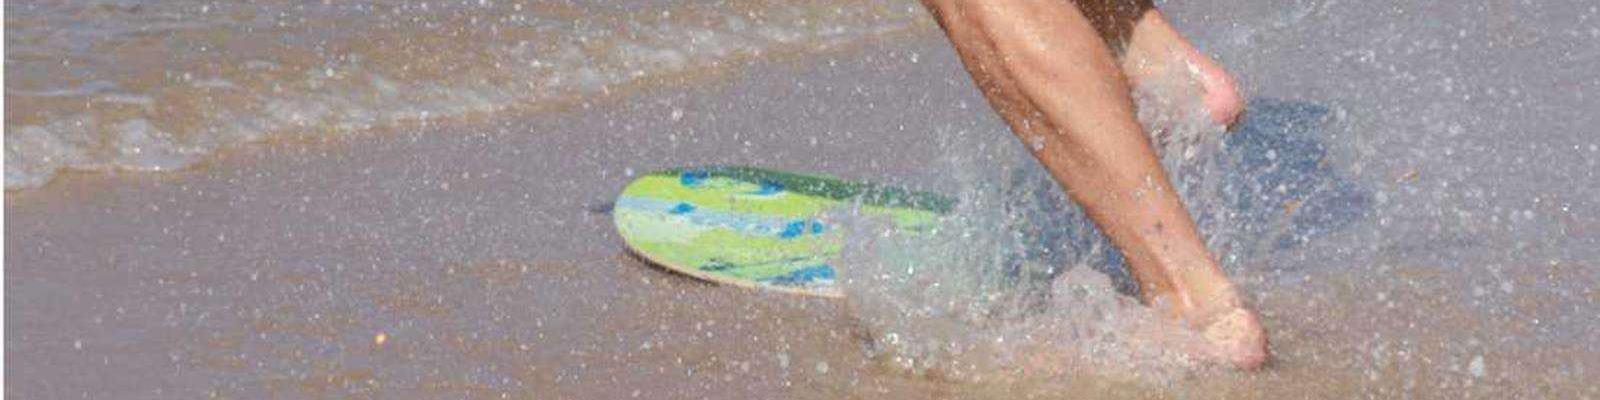 Skimboard BUGZ Wood M 99cm 39inch PUNK Weiterer Wassersport